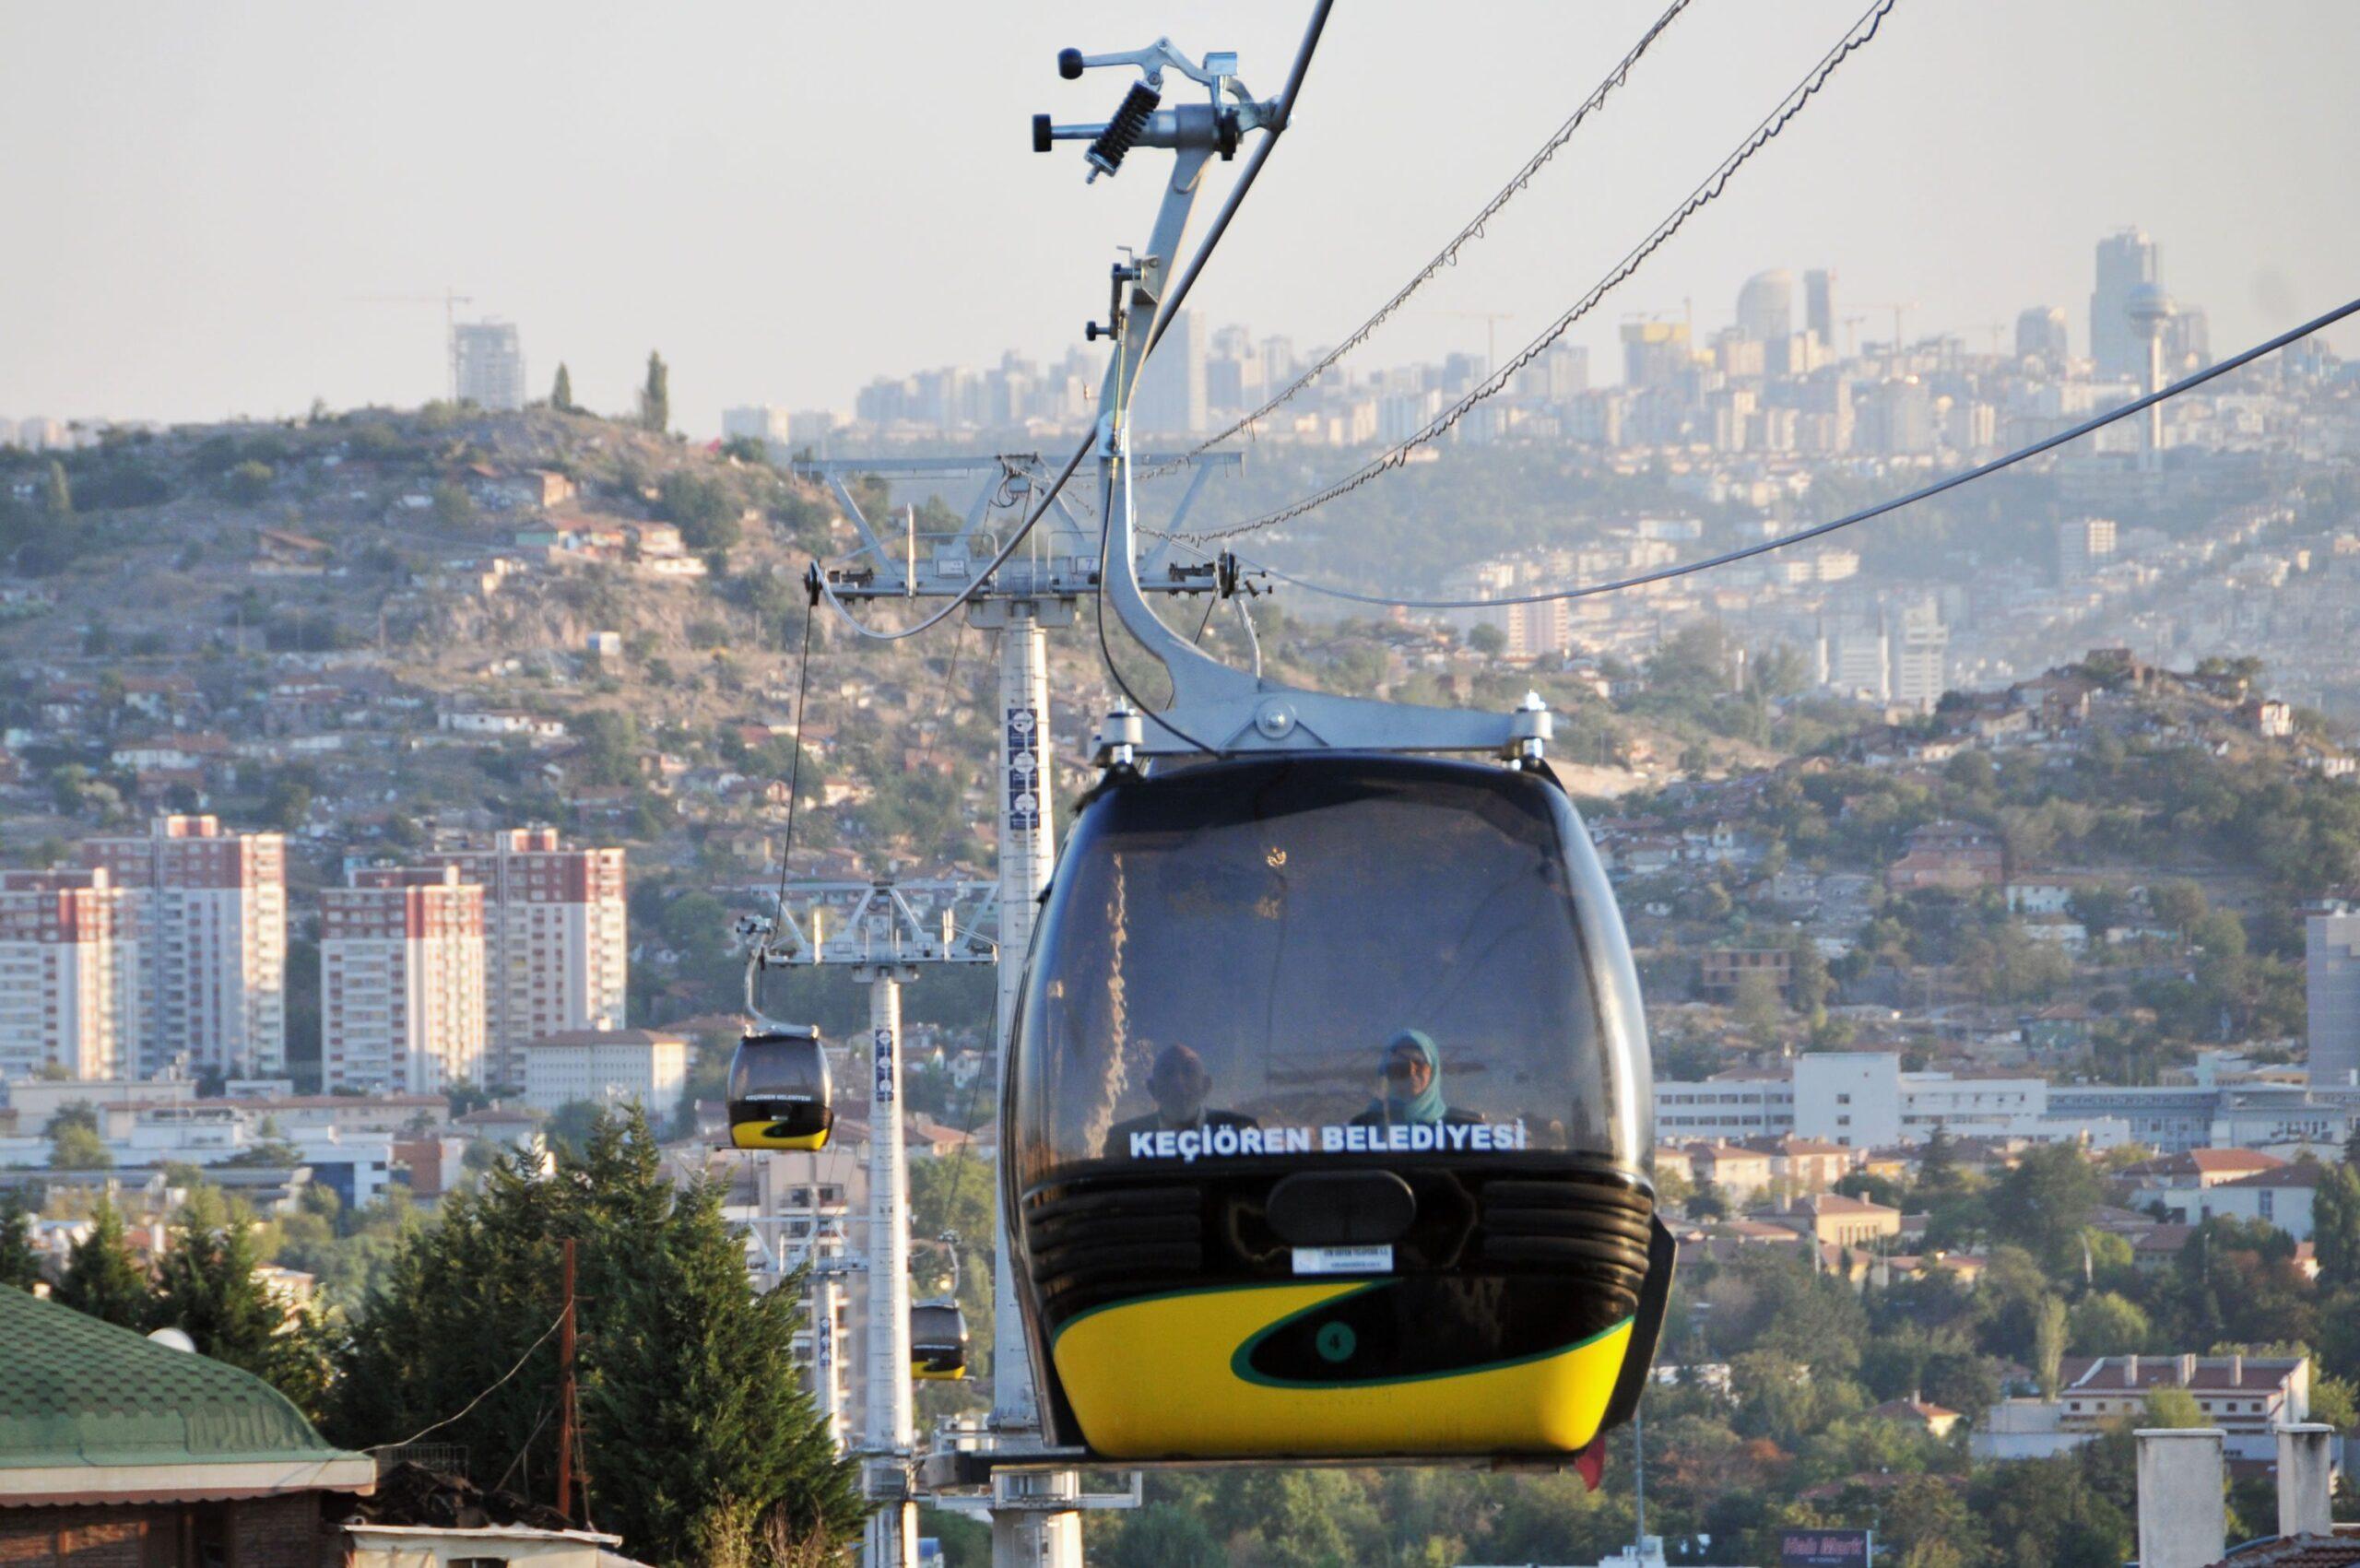 пассажирская канатная дорога в Анкаре